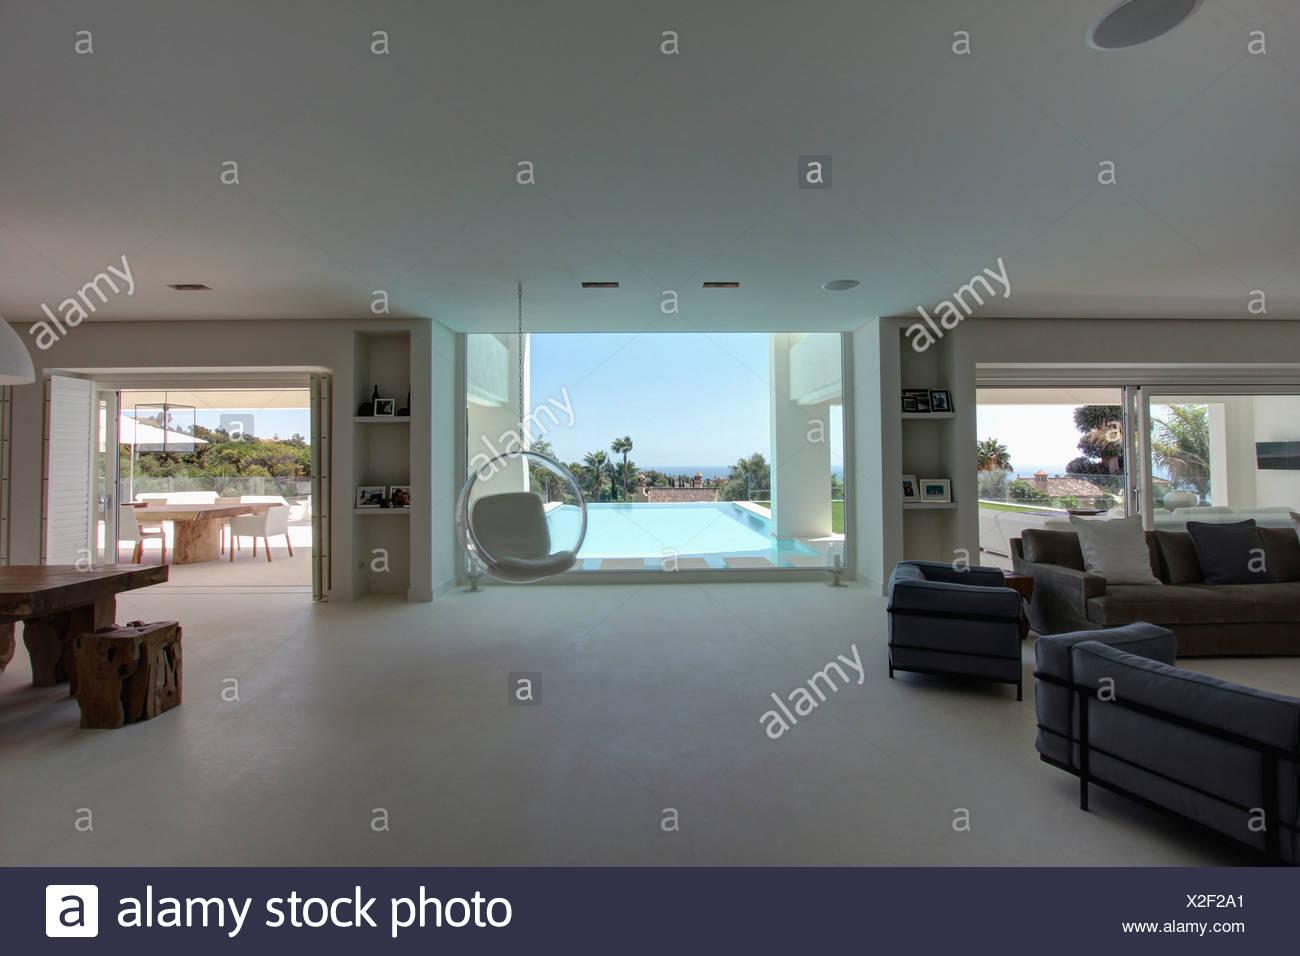 Wohnzimmer Boden Grau Fuboden Fliesen Design Fliesen Wohnzimmer Fliesen With Wohnzimmer Boden